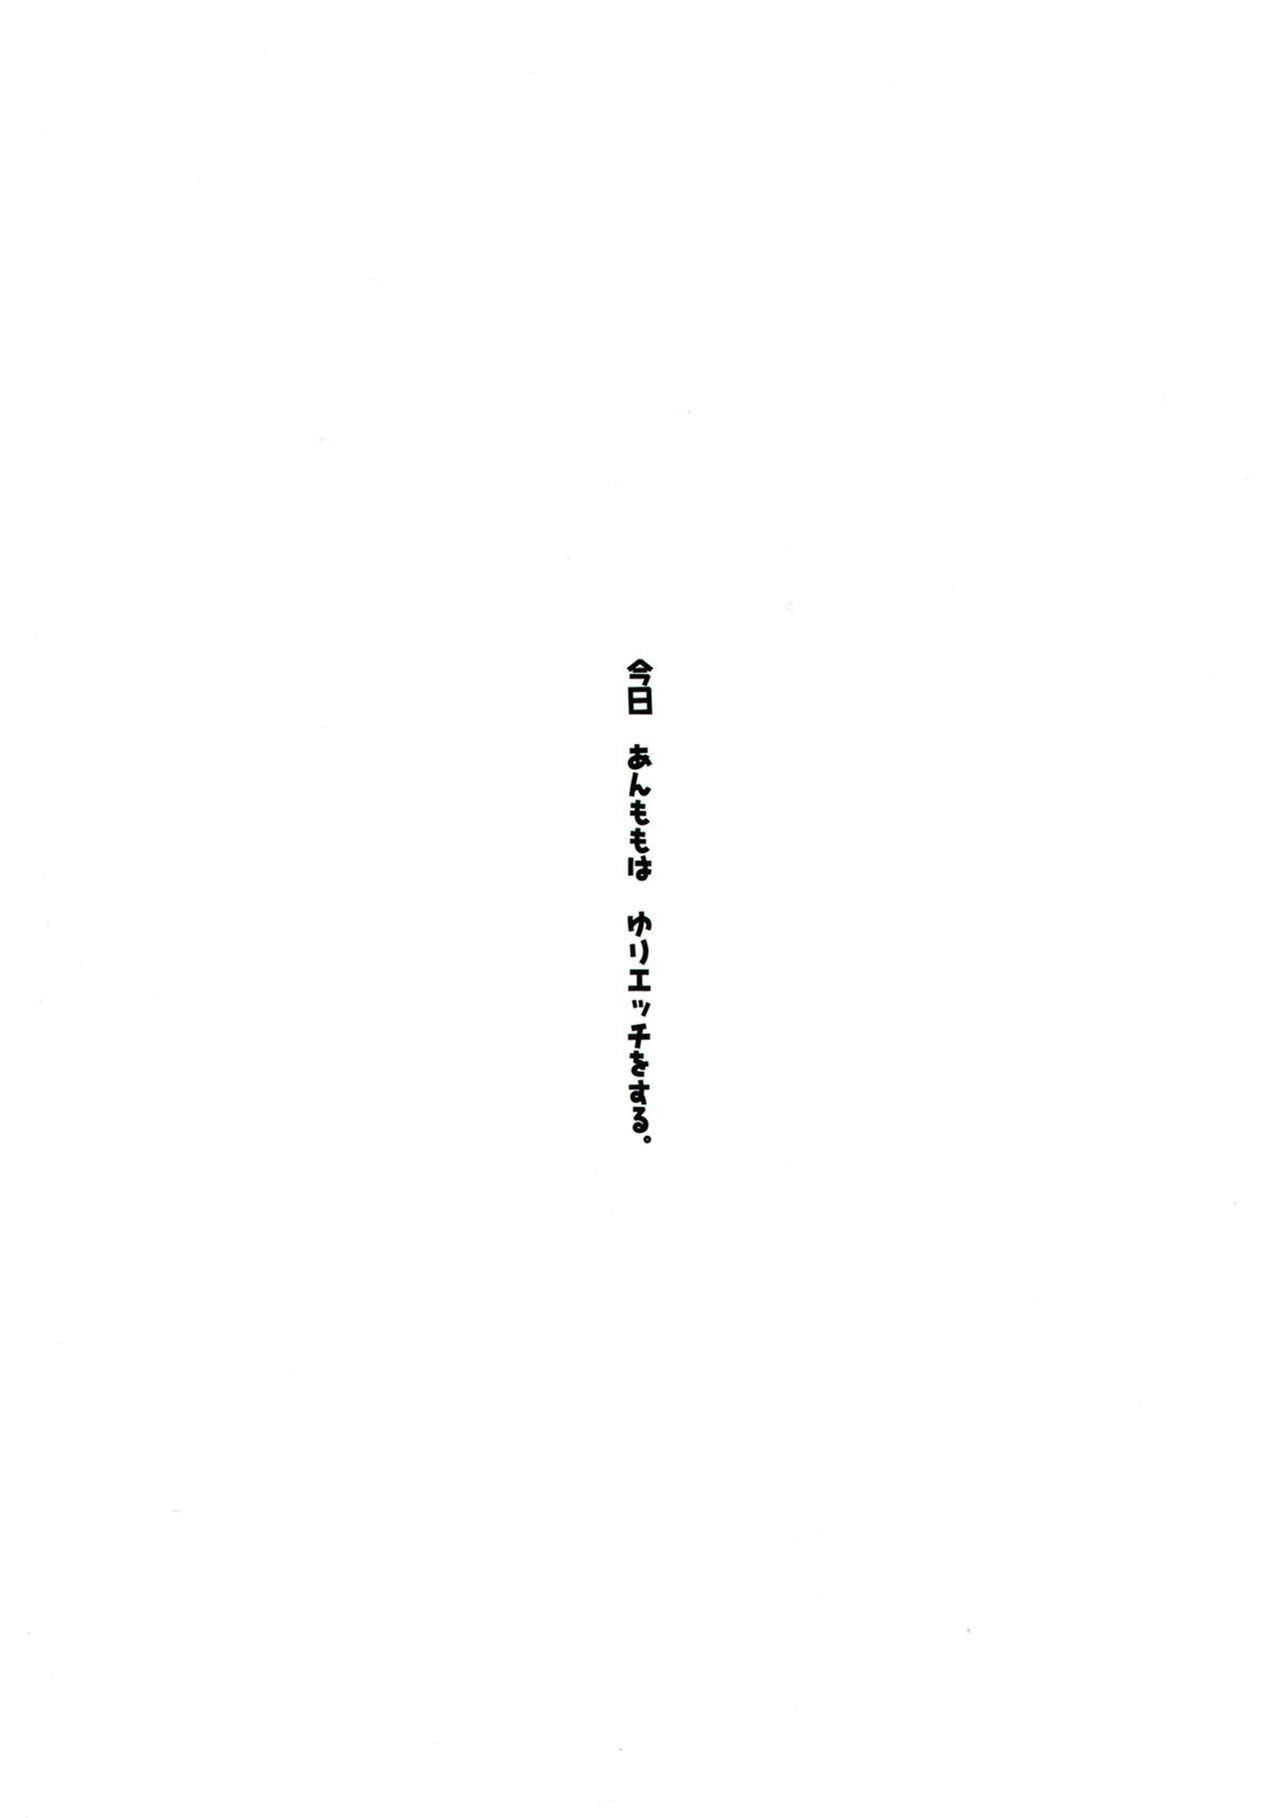 Kyou AnMomo wa Yuri Ecchi o Suru. 22